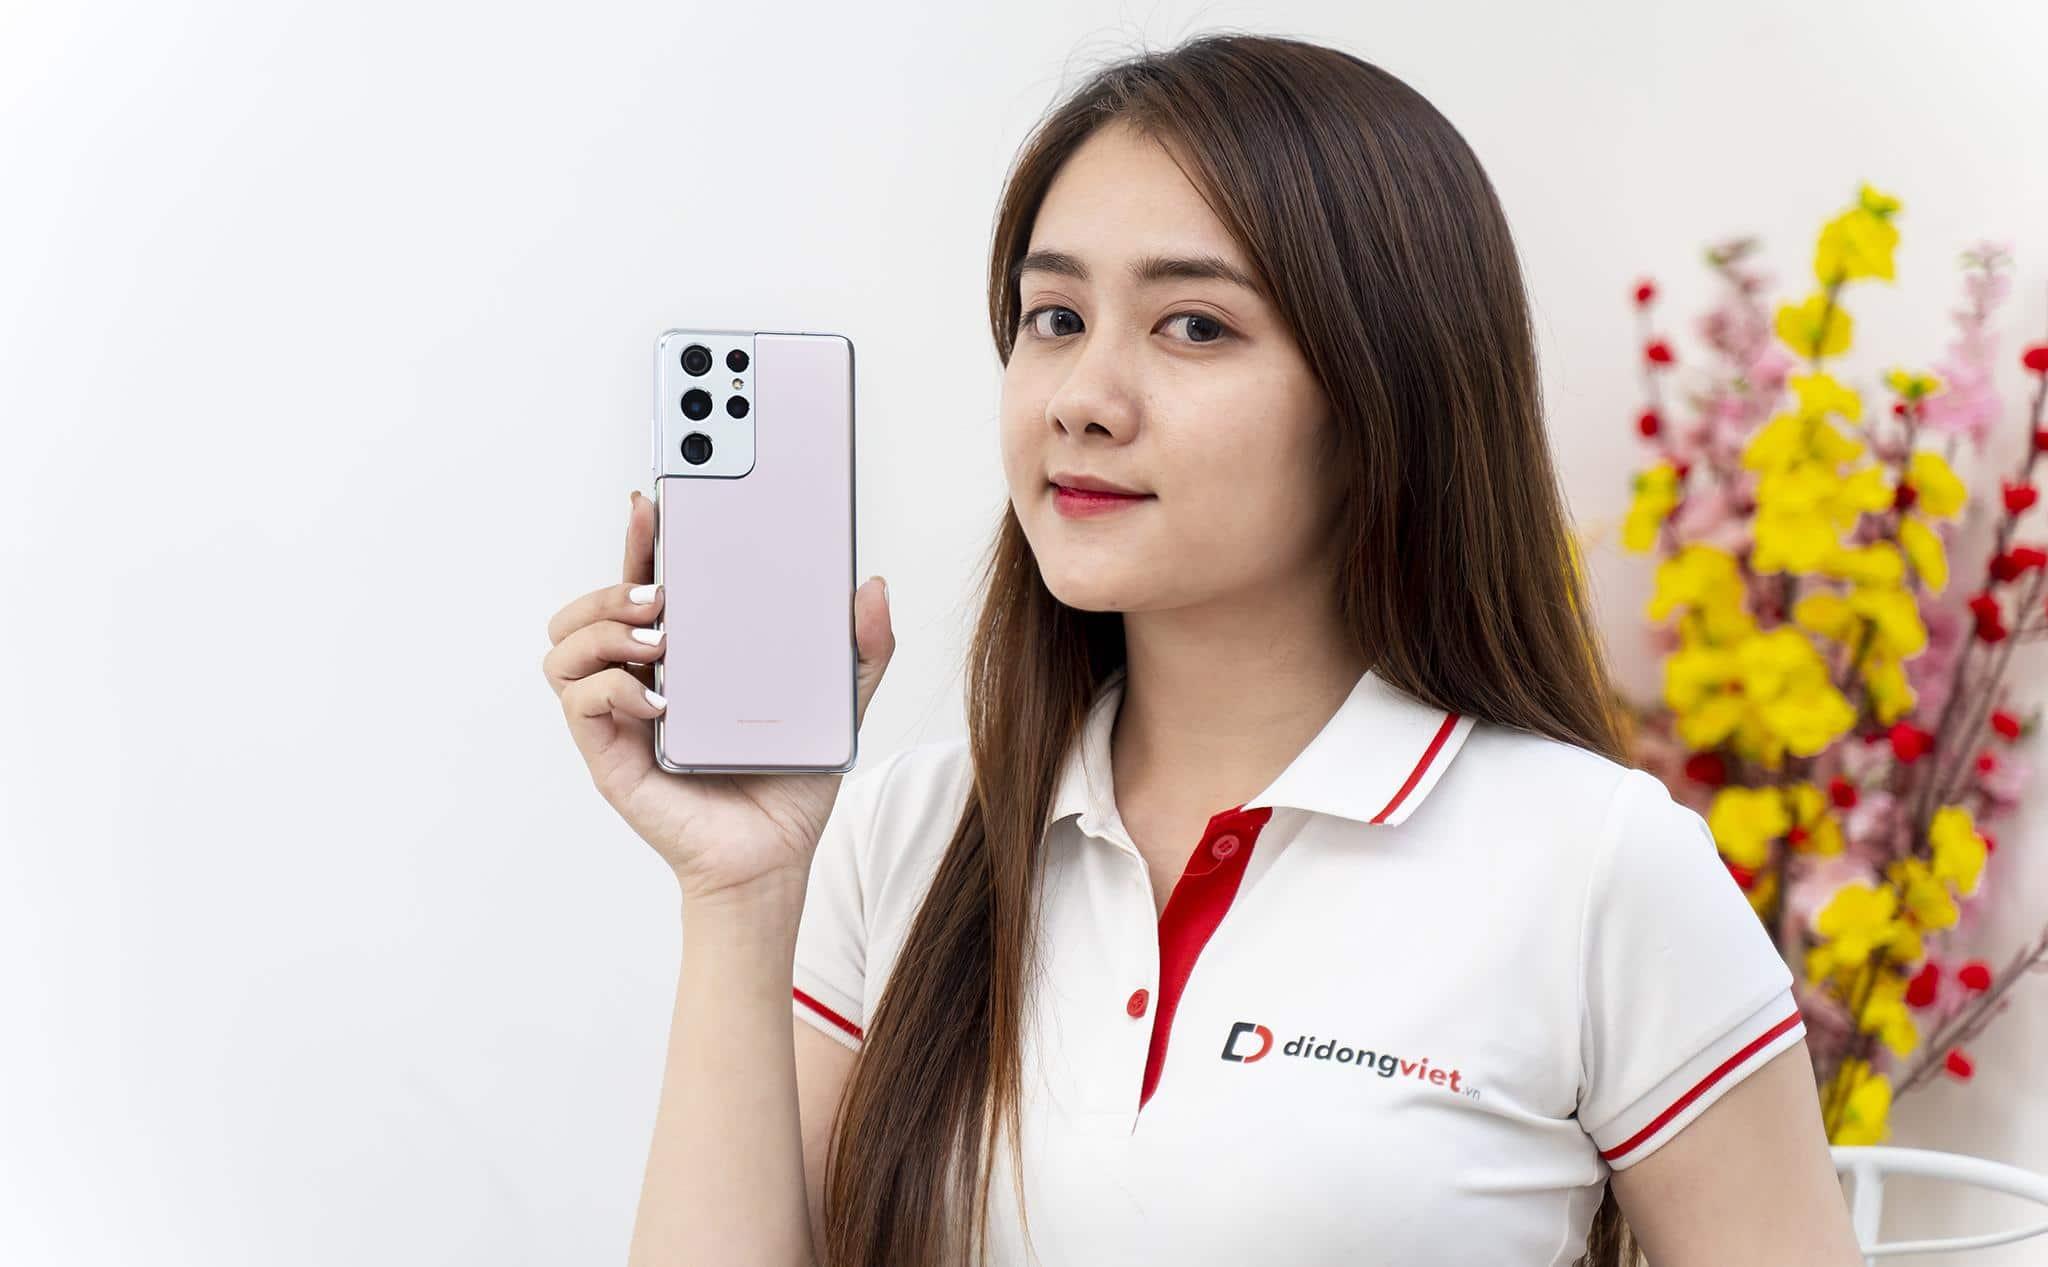 Flagship Samsung S21 Ultra 5G giá 22.99 triệu có đáng sở hữu vào dịp Tết?